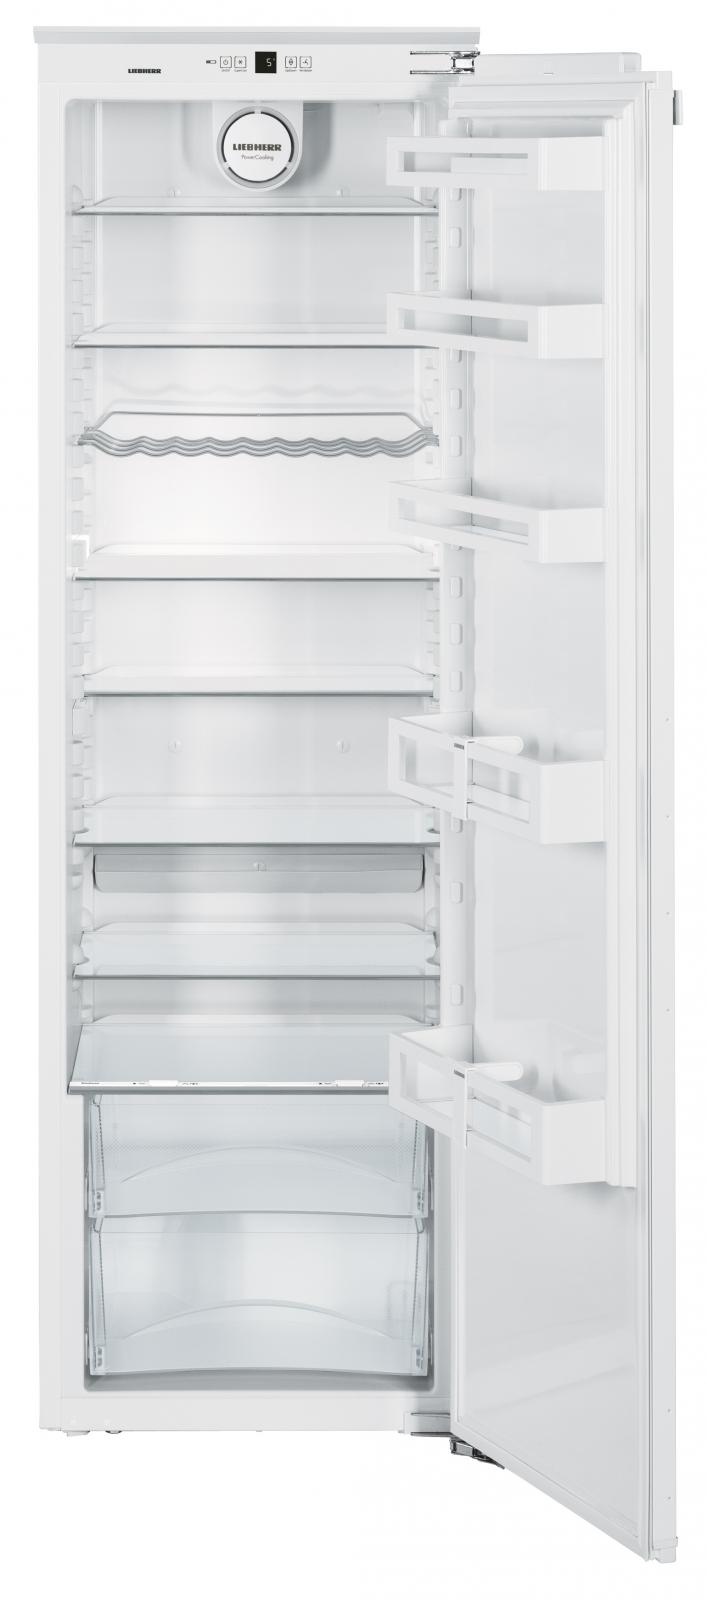 купить Встраиваемый однокамерный холодильник Liebherr IK 3520 Украина фото 2